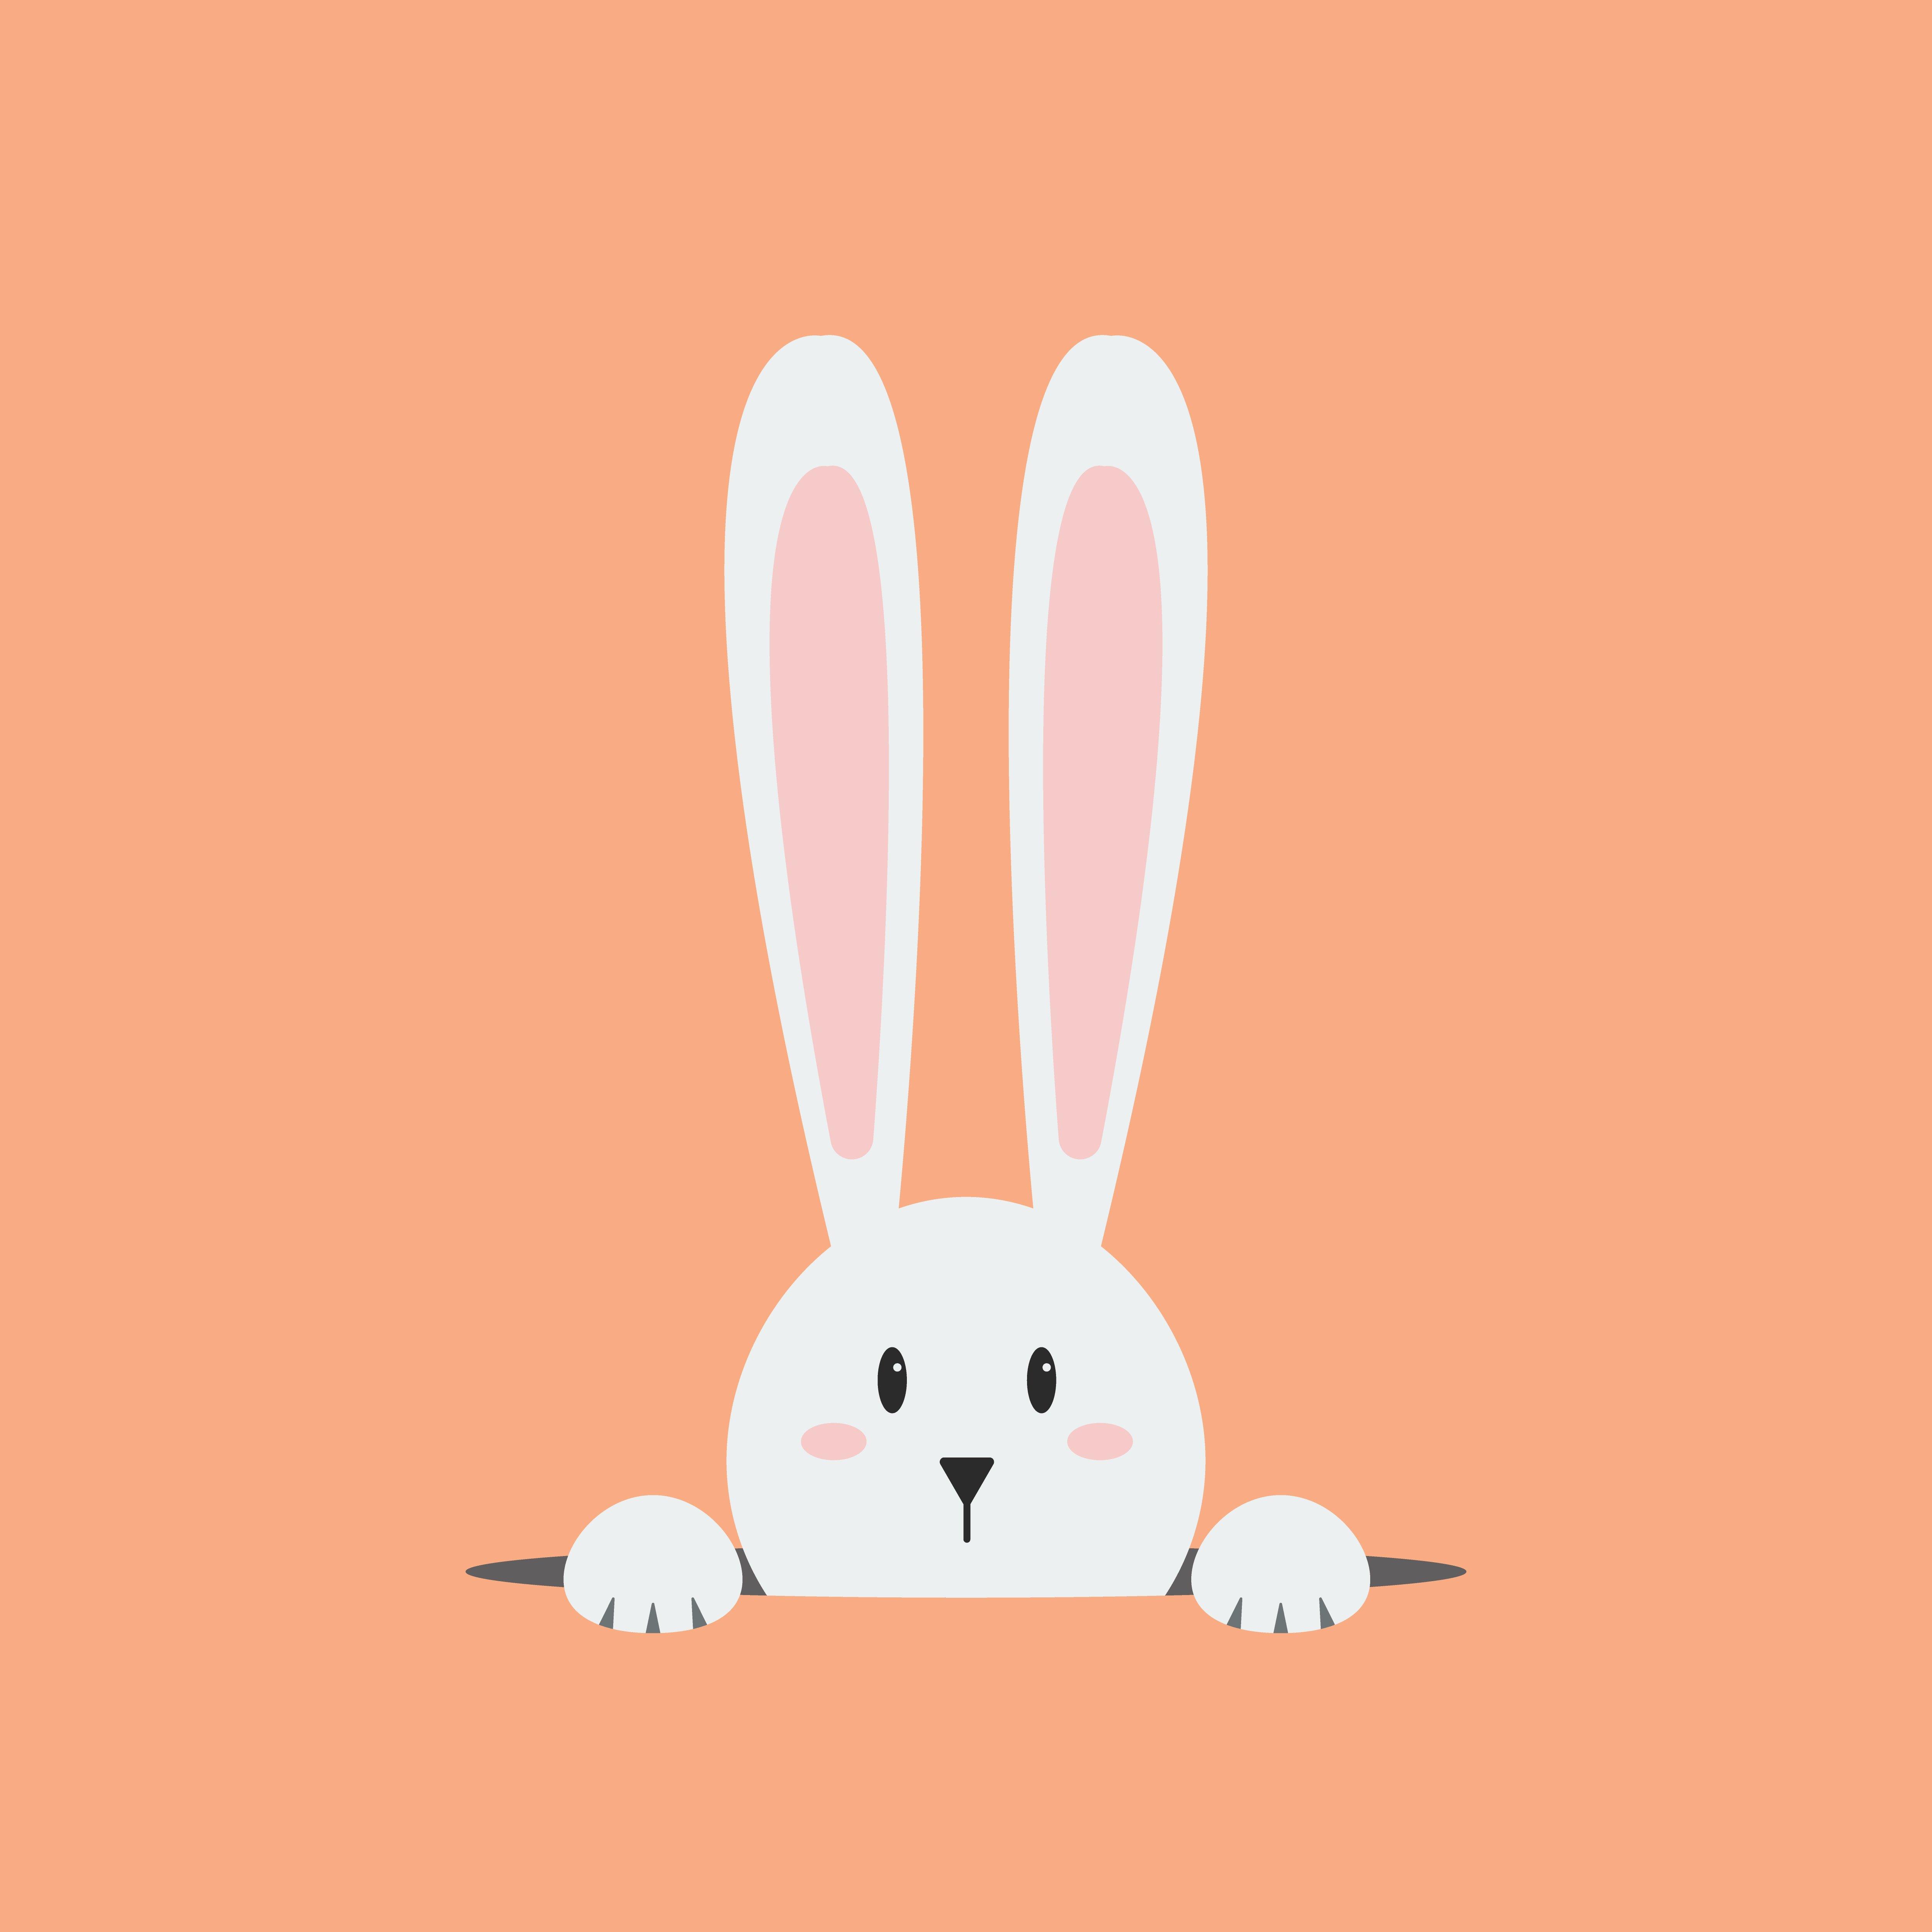 White rabbit in the hole on orange background.